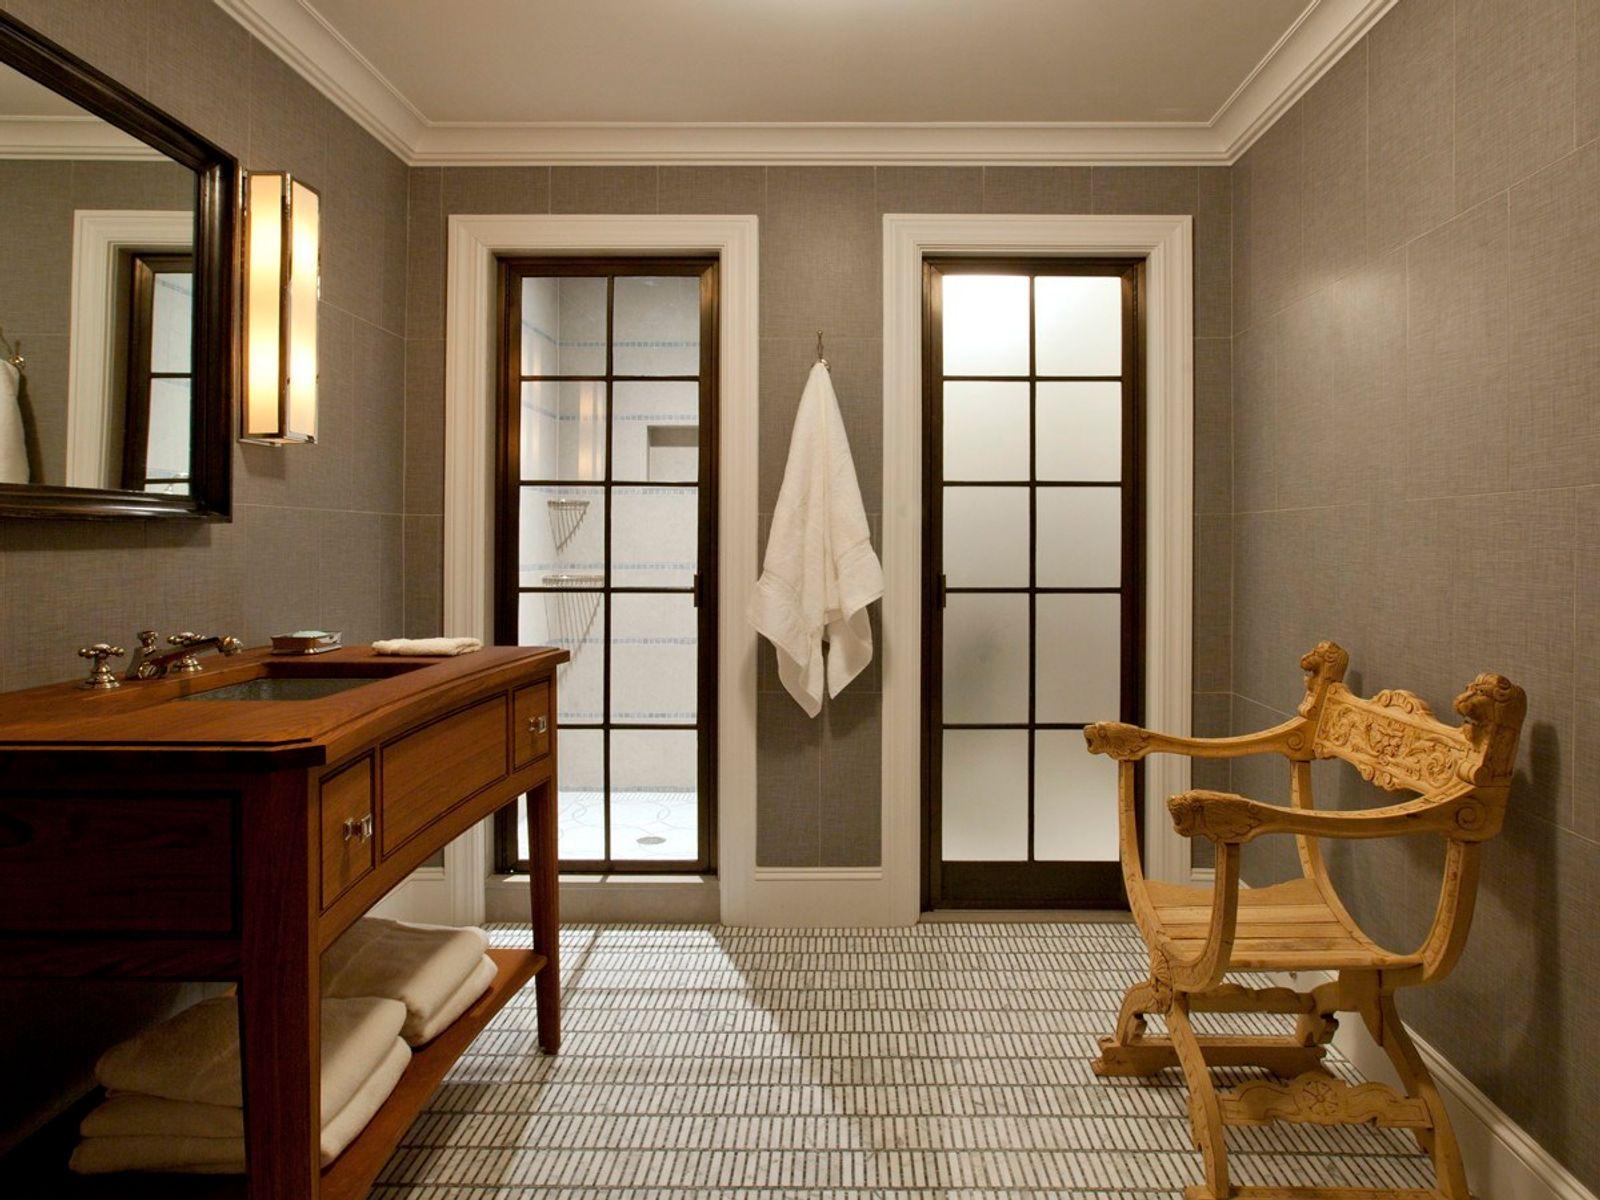 Steam Room Bath